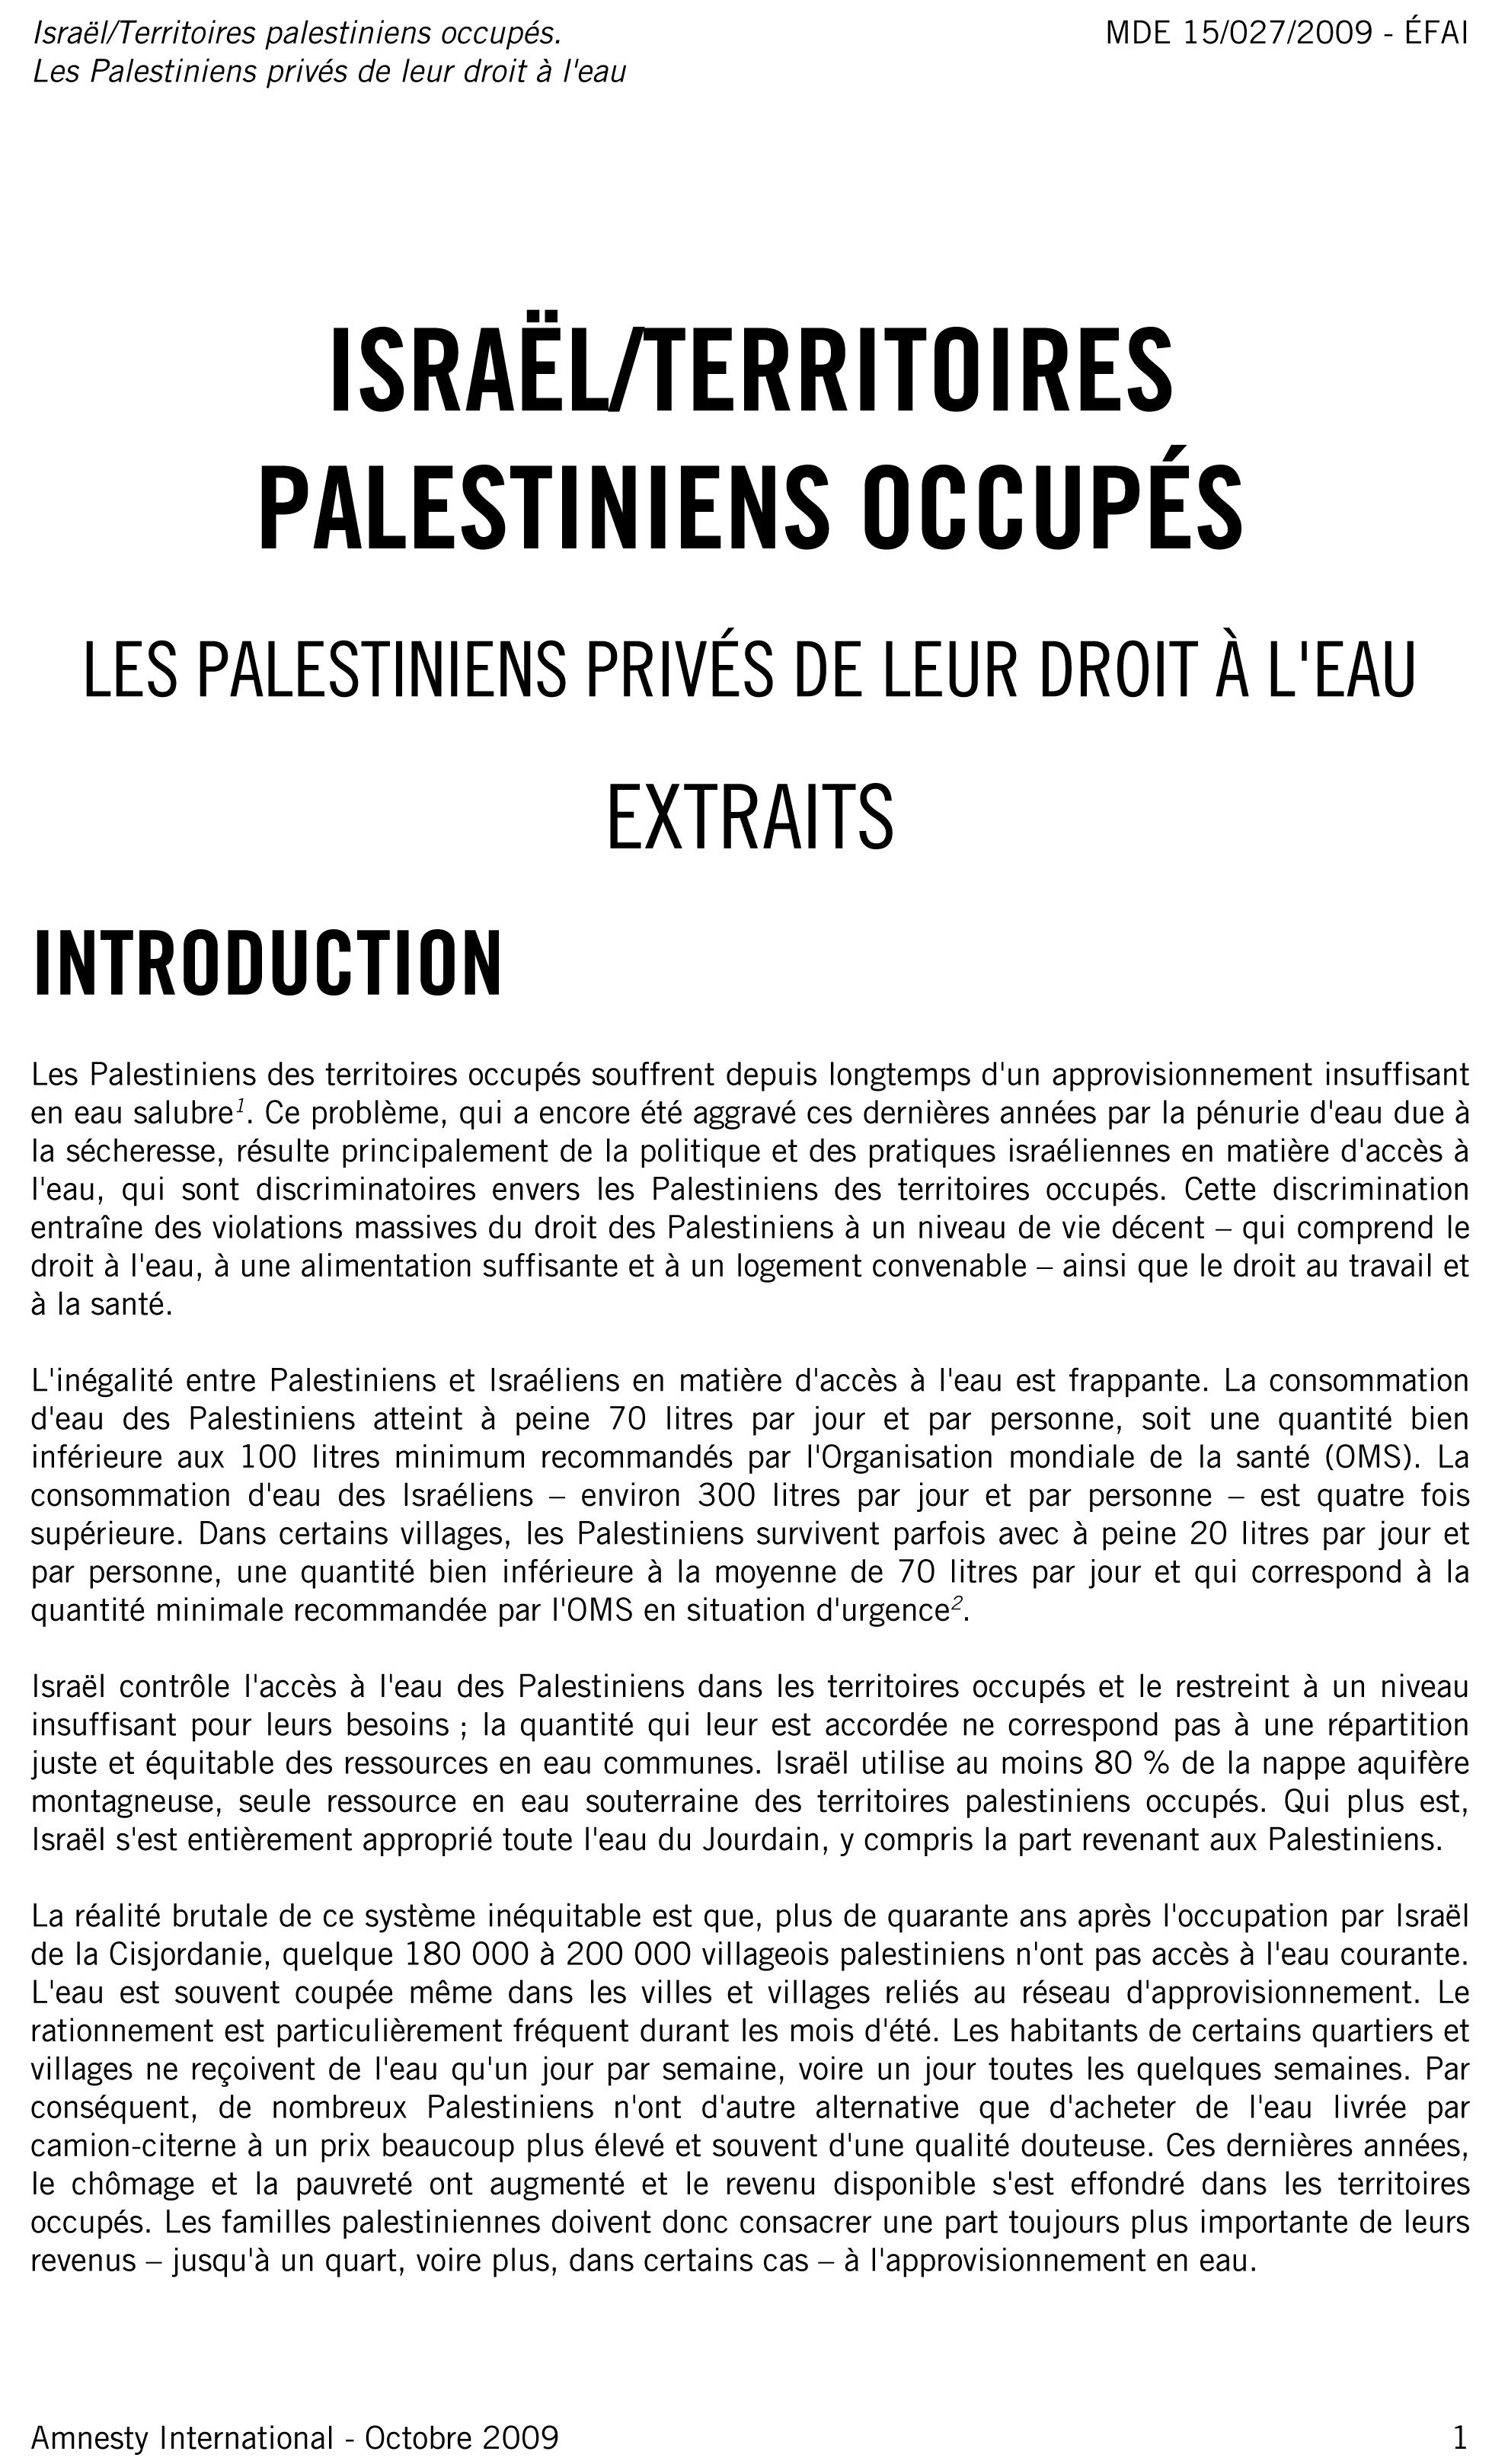 Les palestiniens privés de leur droit à l'eau, extraits du rapport